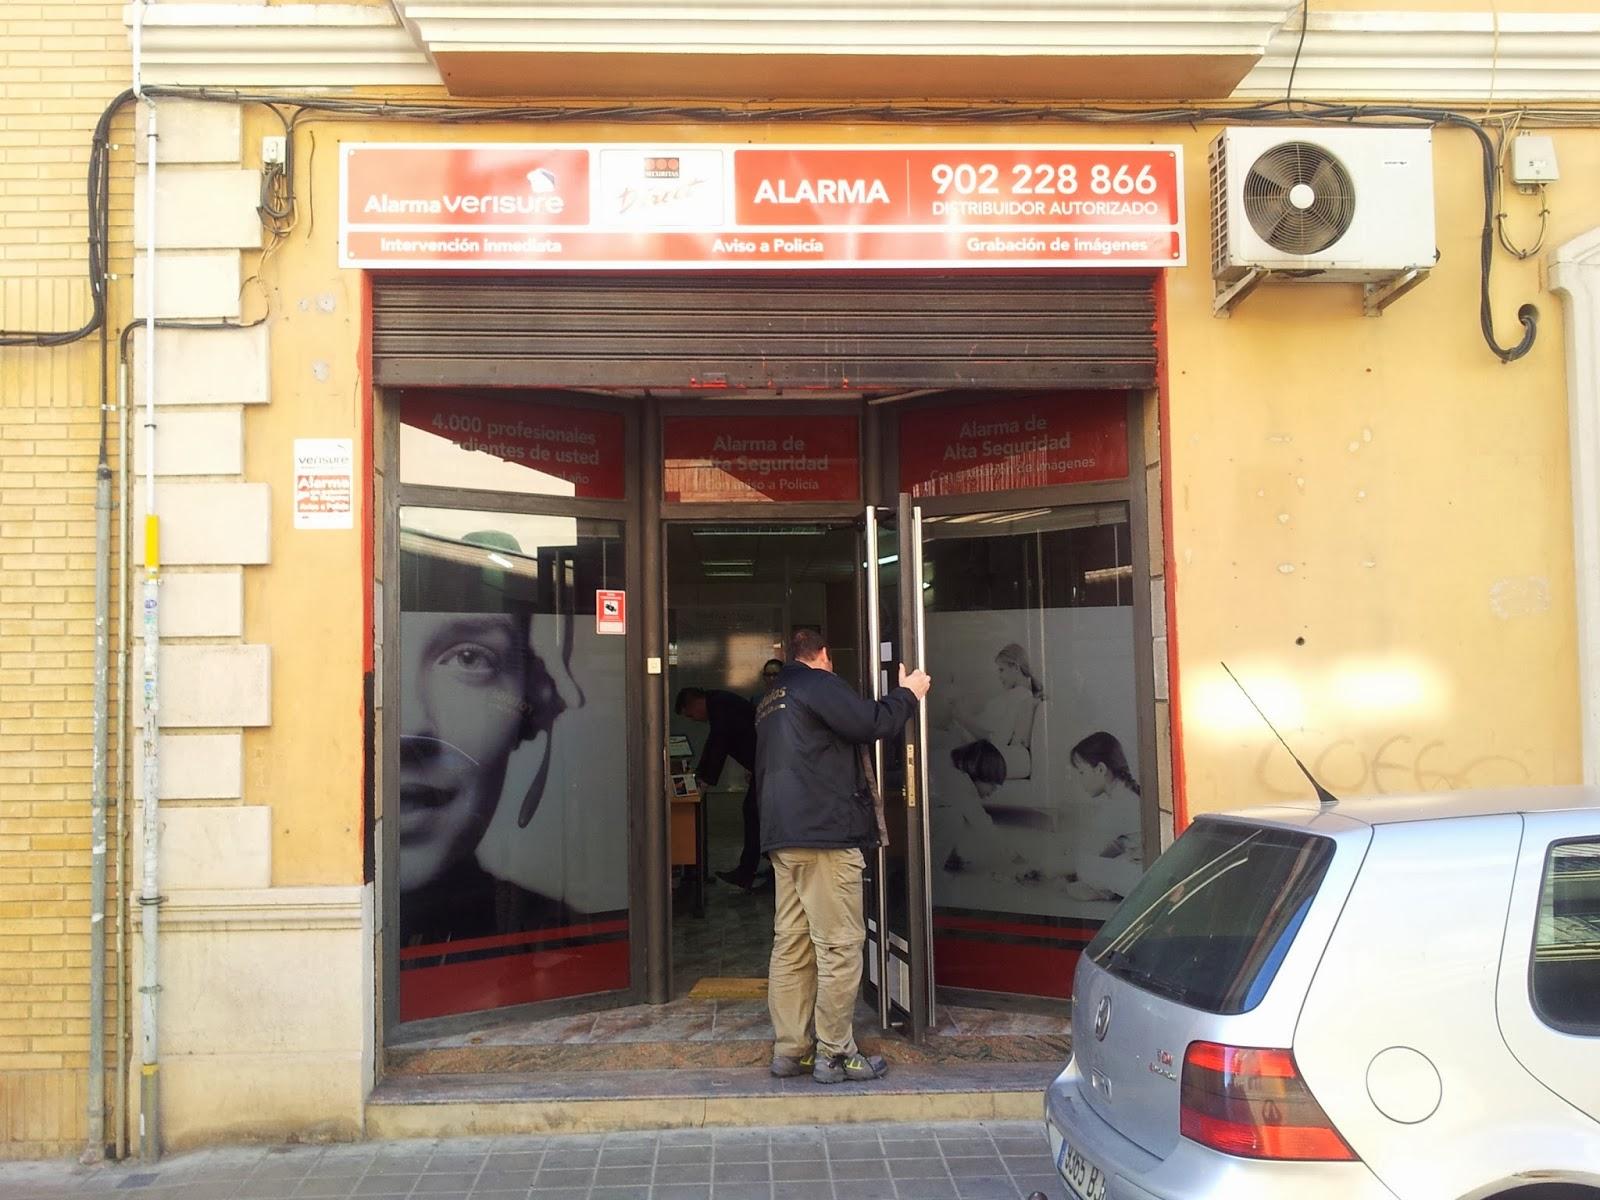 Carteles valencia 961512403 cartel securitas direct manises - Oficinas securitas direct ...